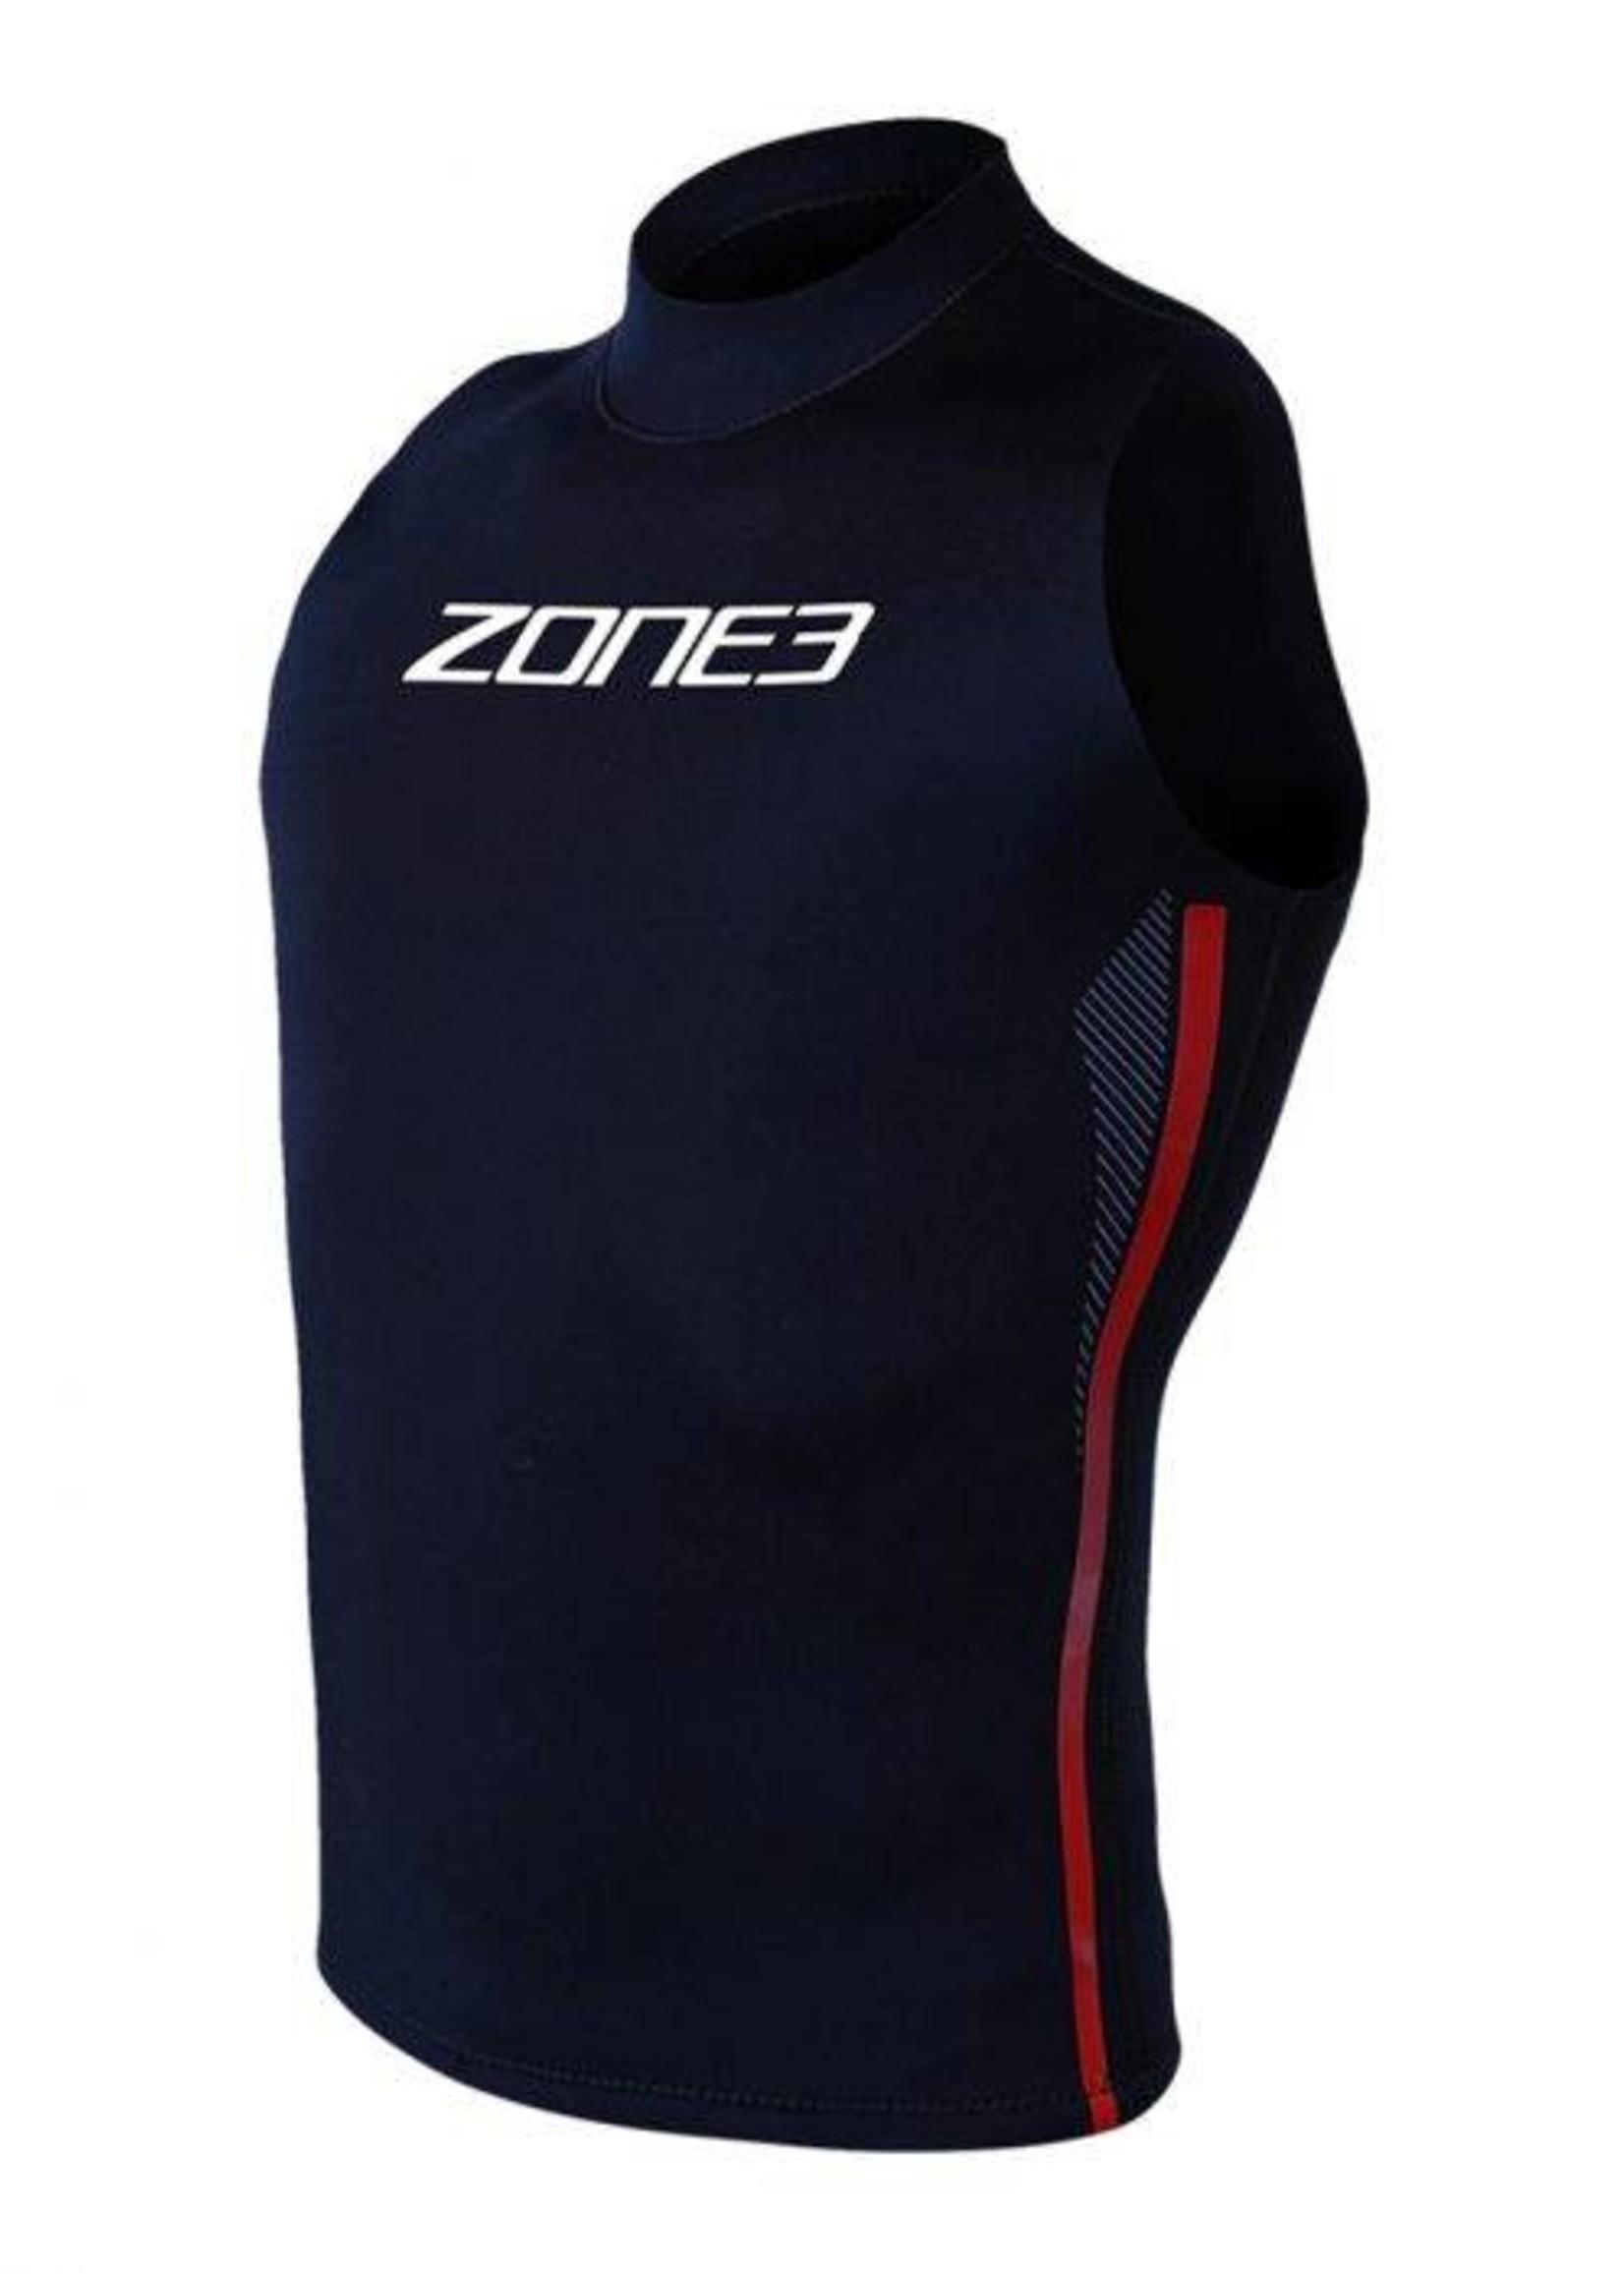 Zone 3 Zone 3 Neoprene Warmth Vest